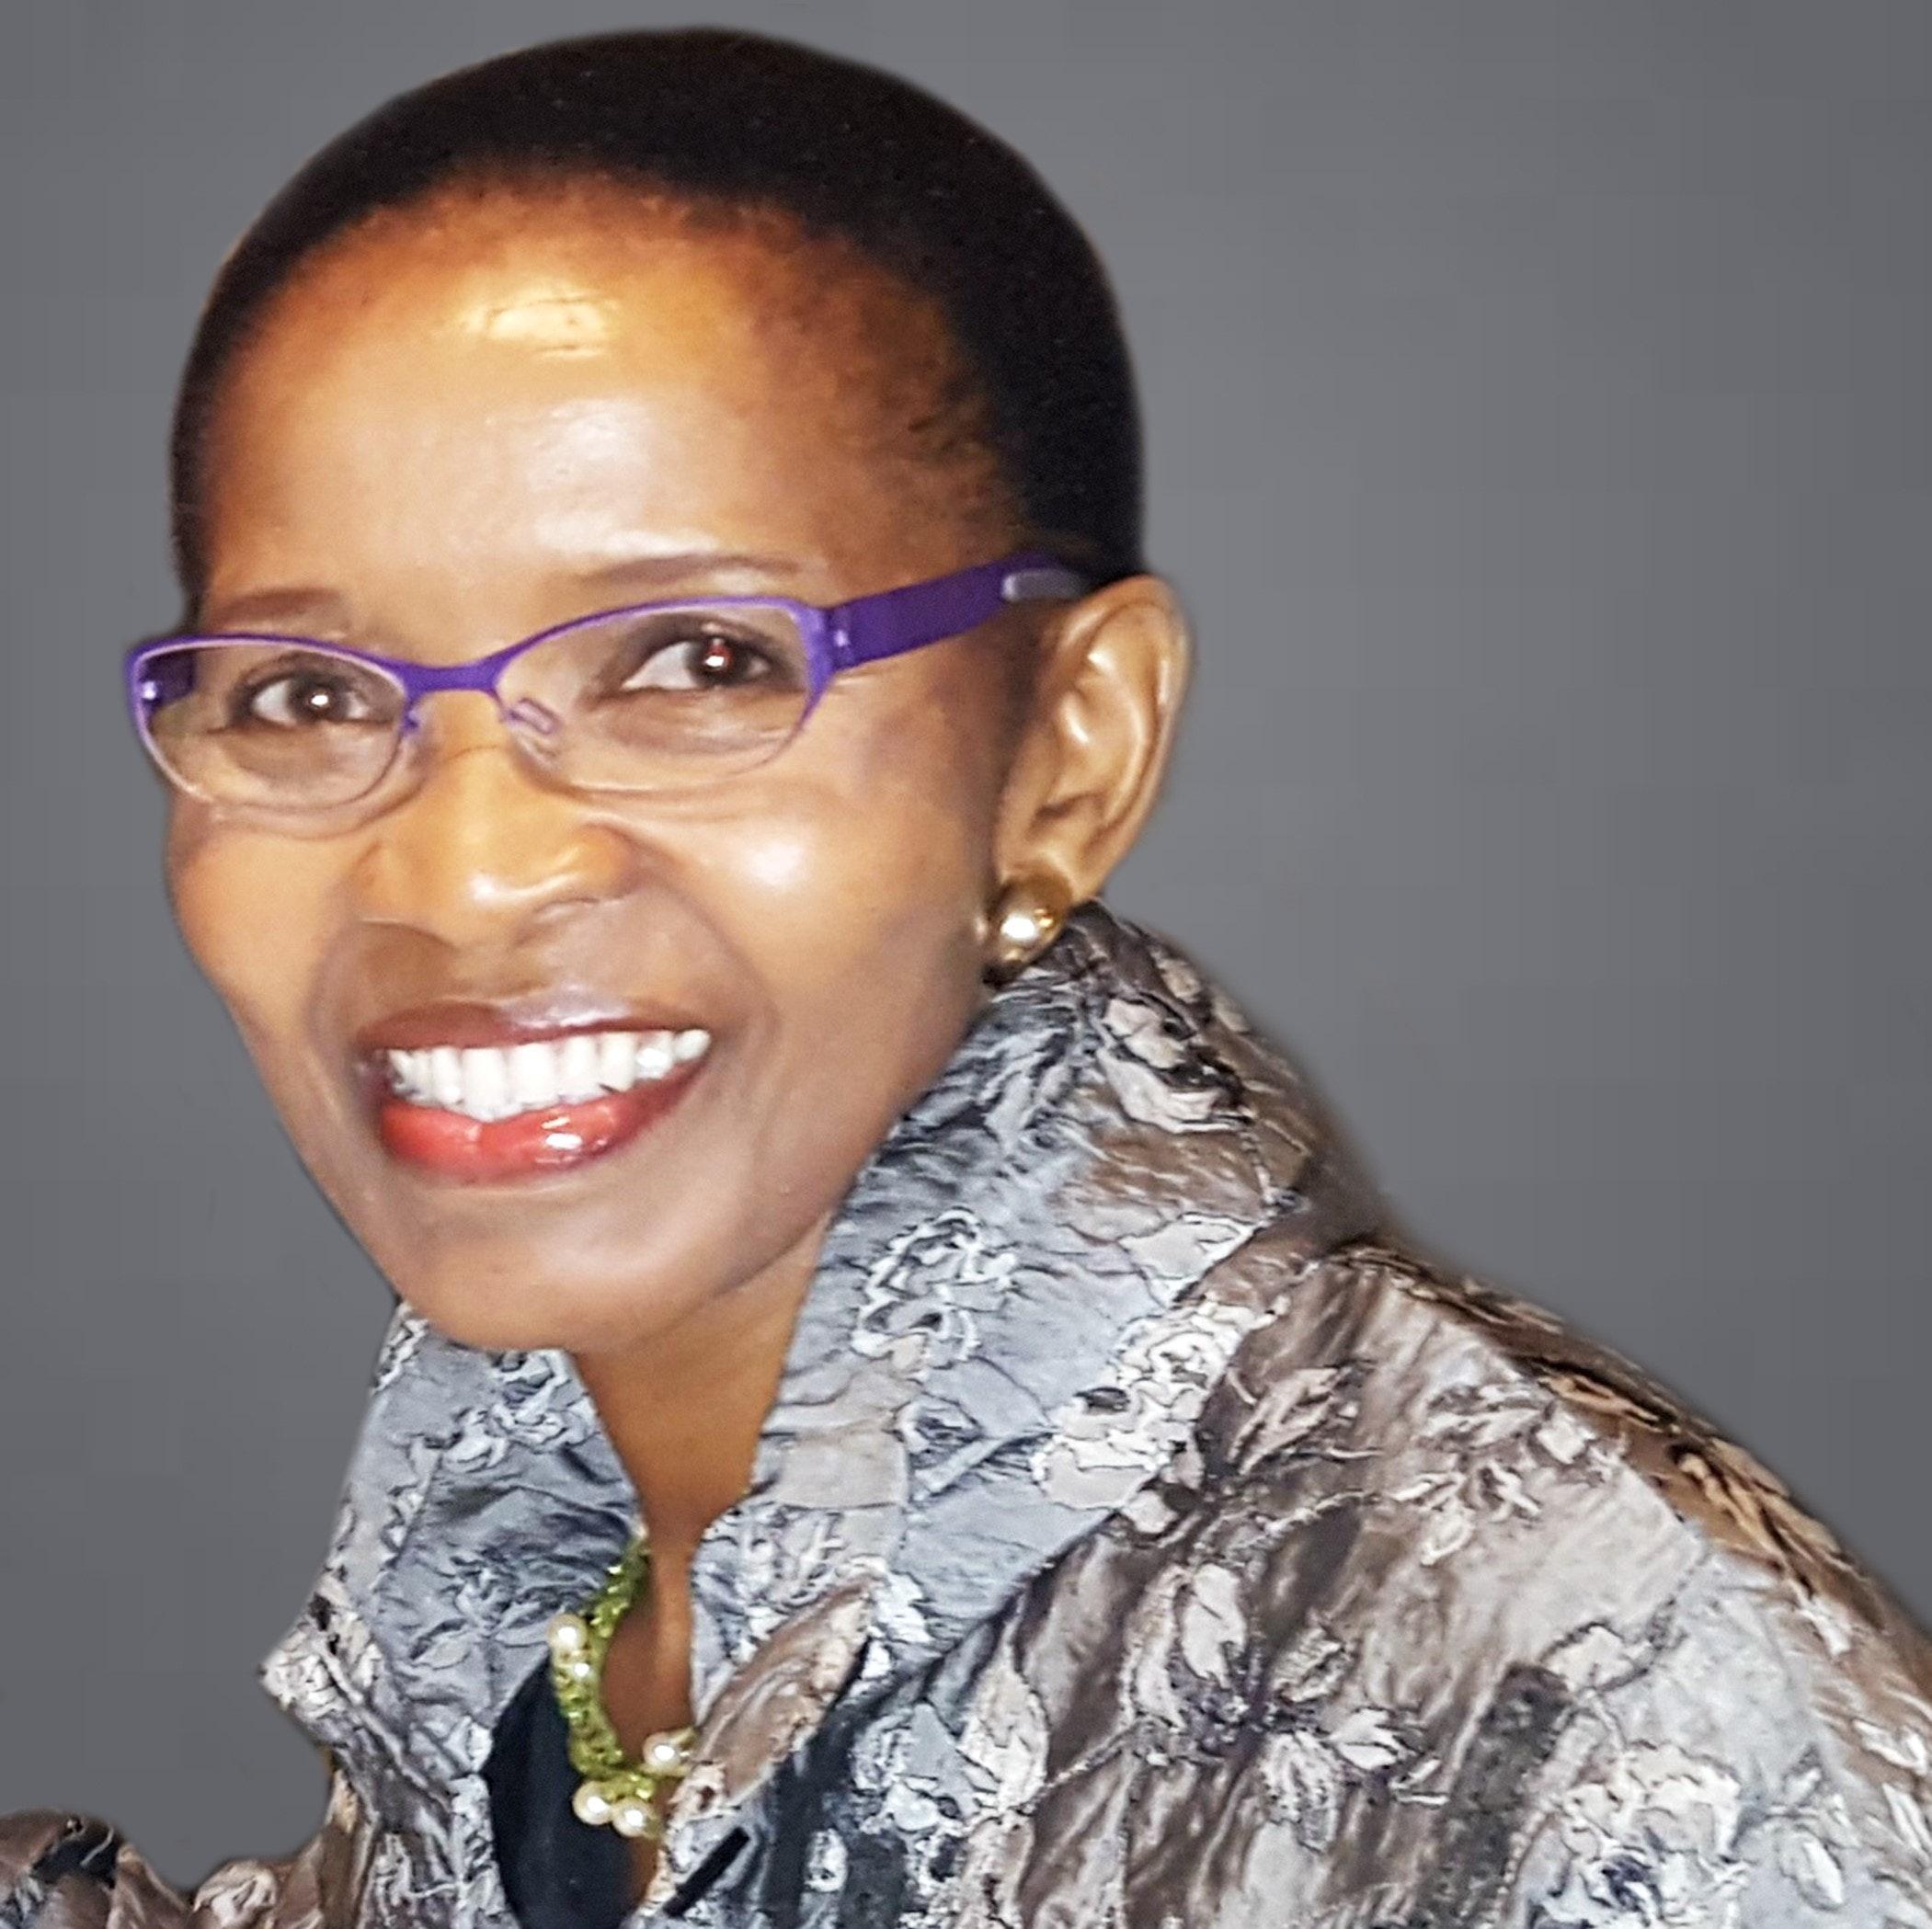 Headshot of Pumla Madikizela